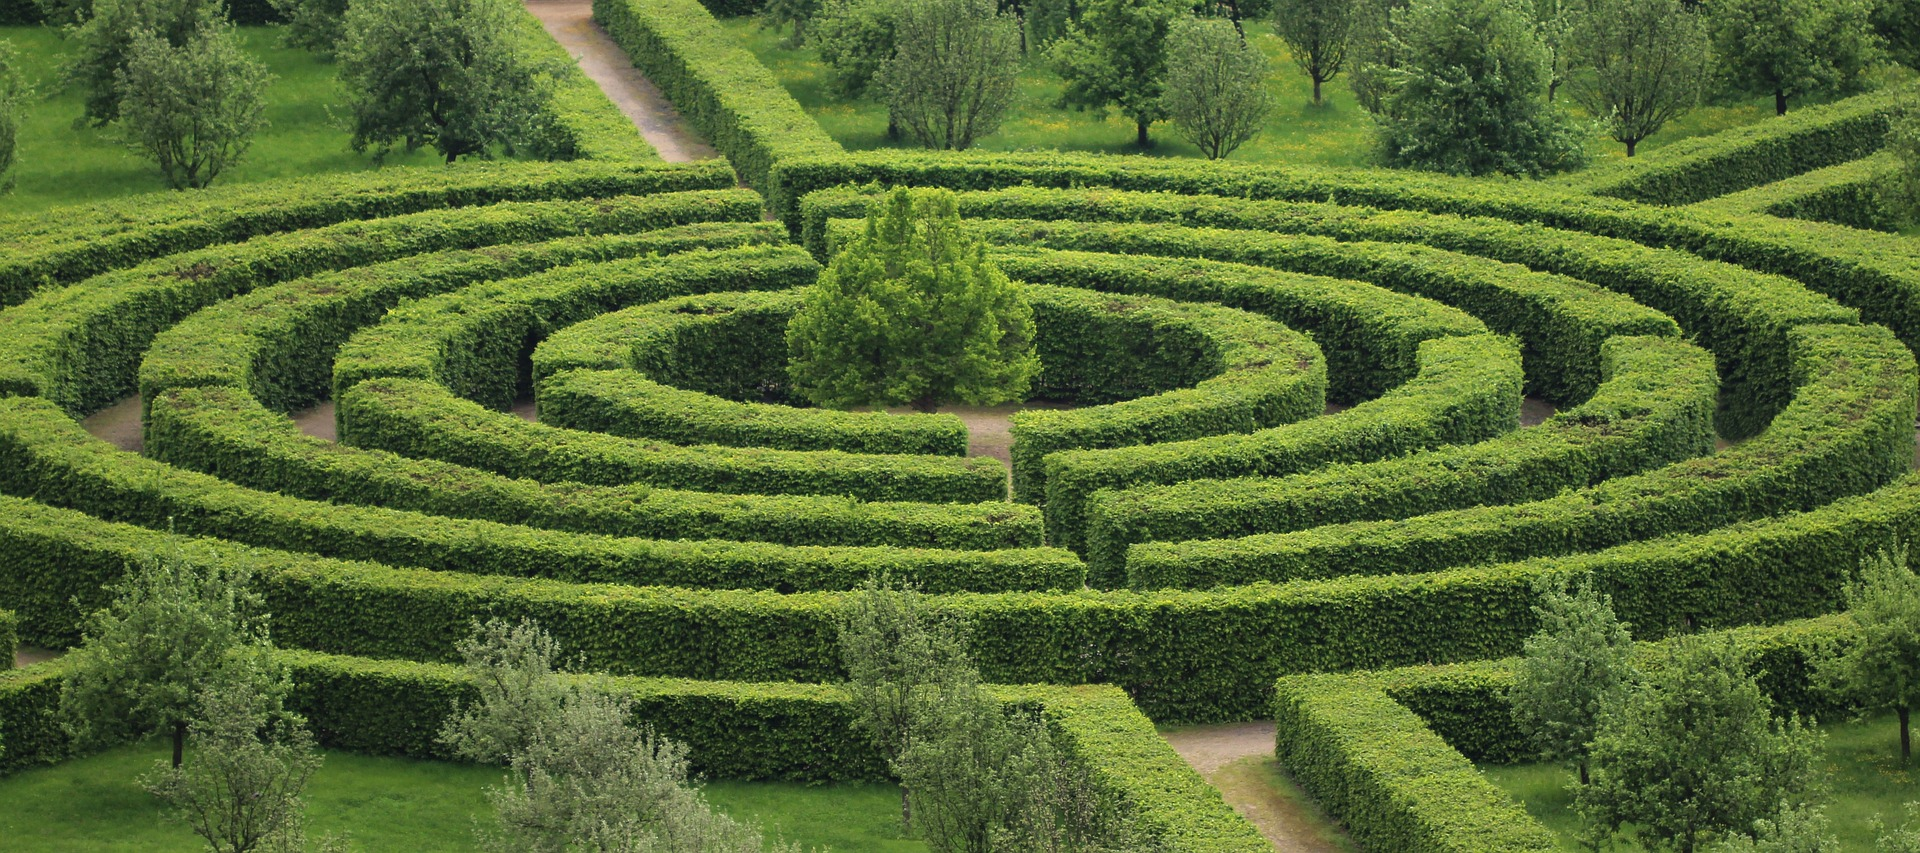 A garden Maze